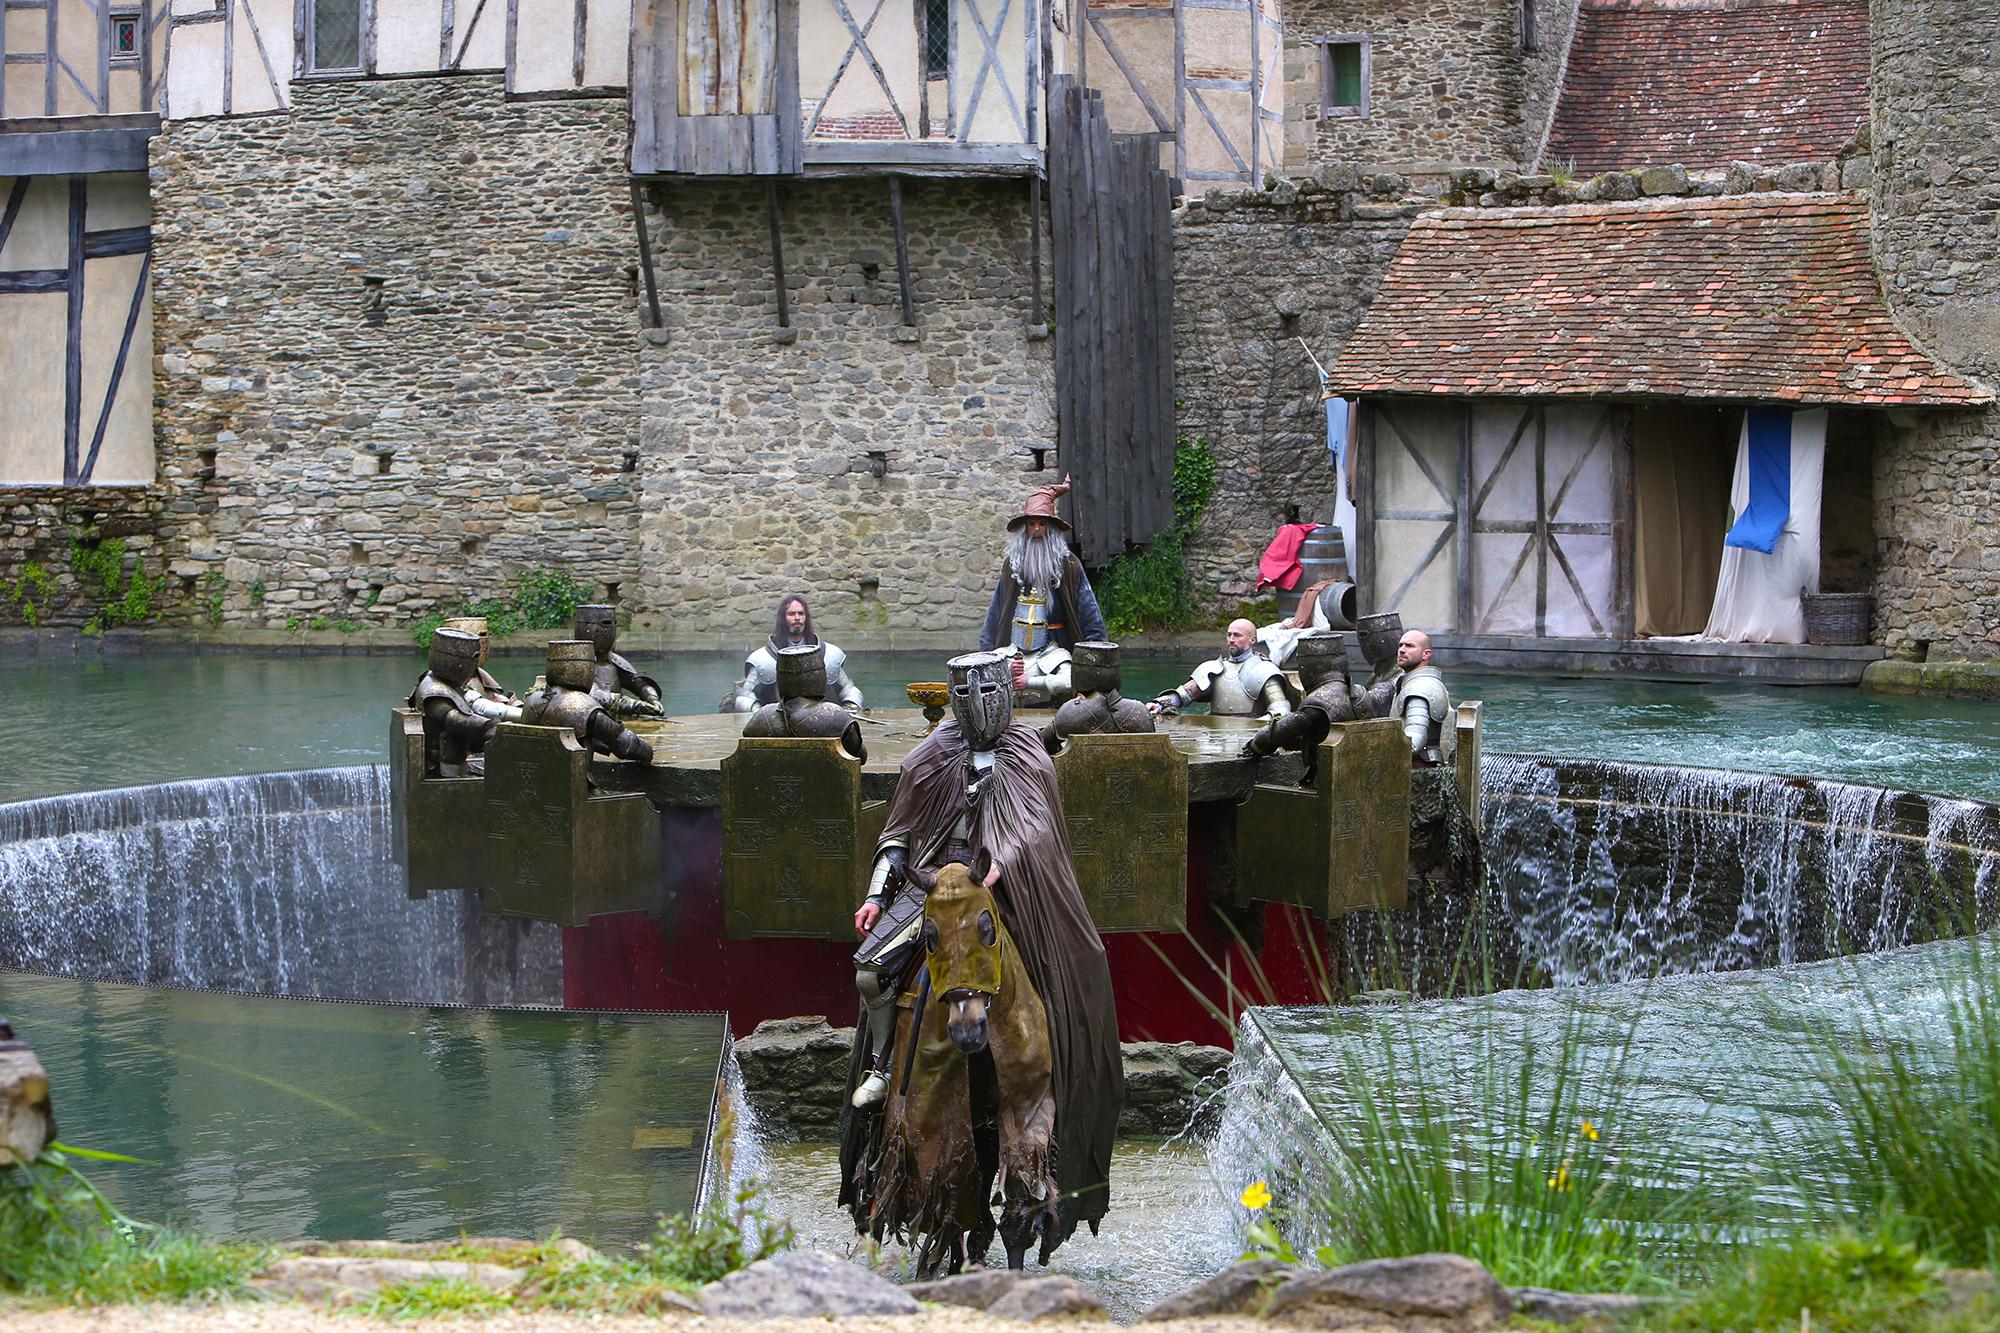 Les chevaliers de la table ronde spectacle puy du fou - Les chevaliers de la table ronde puy du fou ...